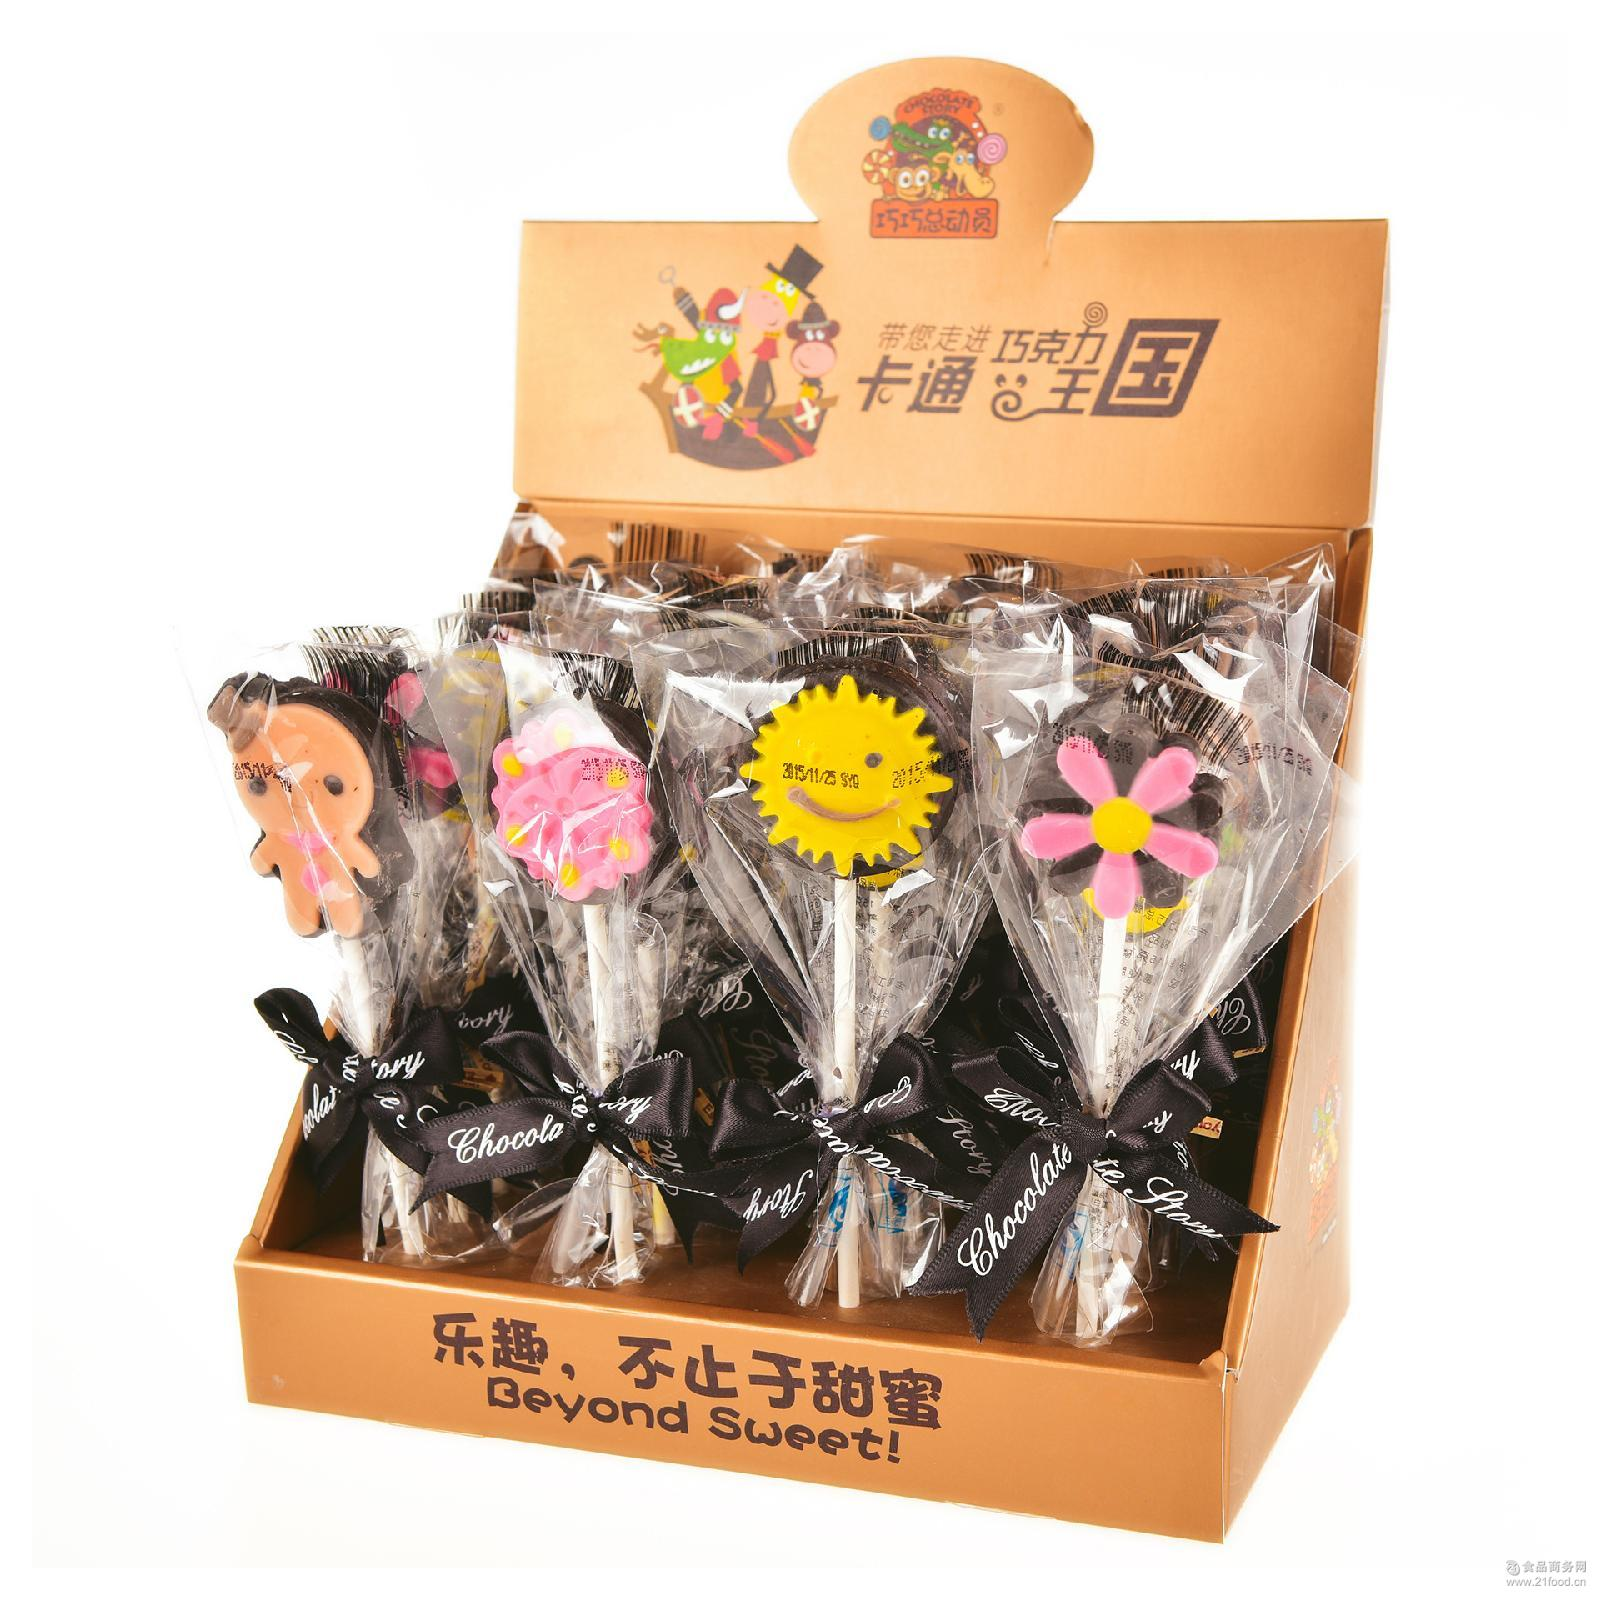 厂家热销新品卡通巧克力棒棒糖休闲零食糖果纯手工生产40支一盒起